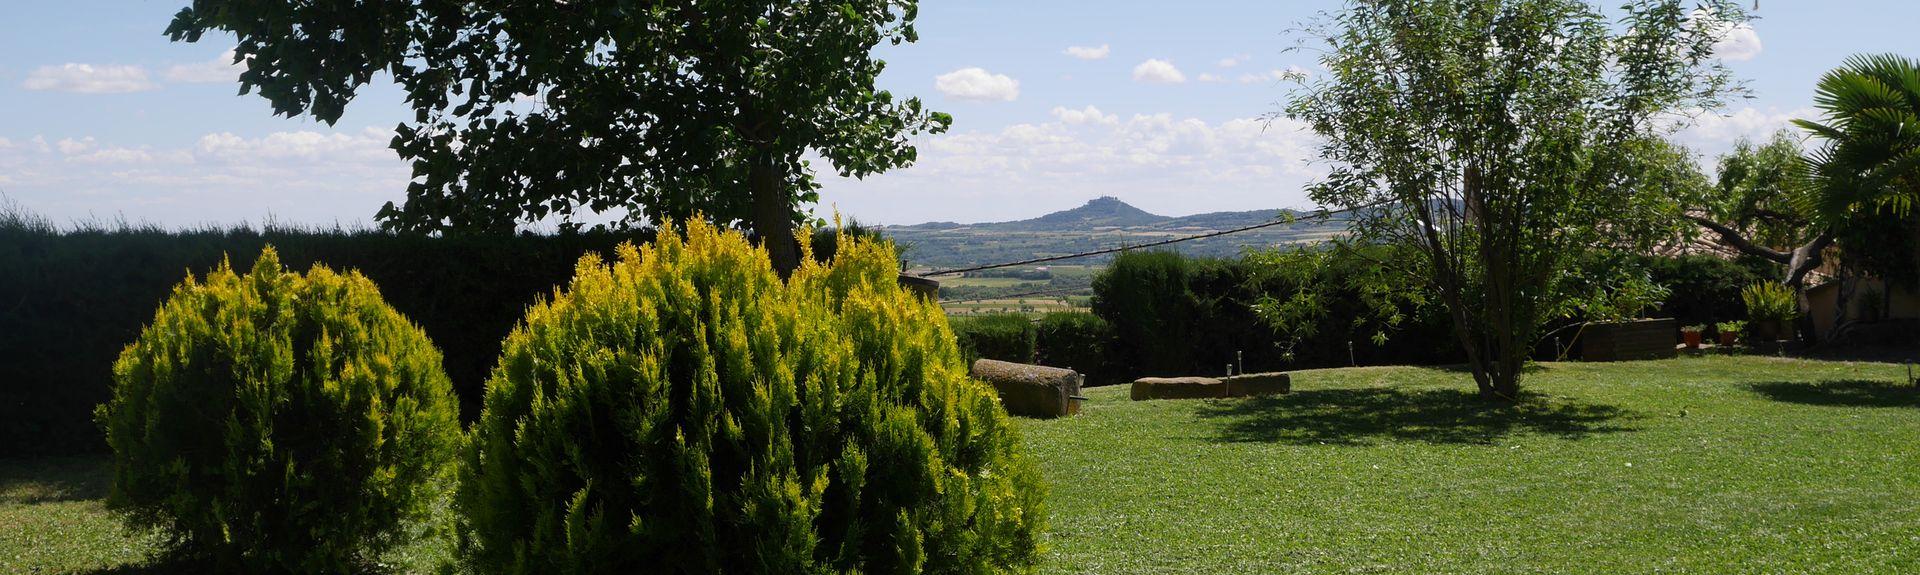 Aínsa, Aragón, Spanien